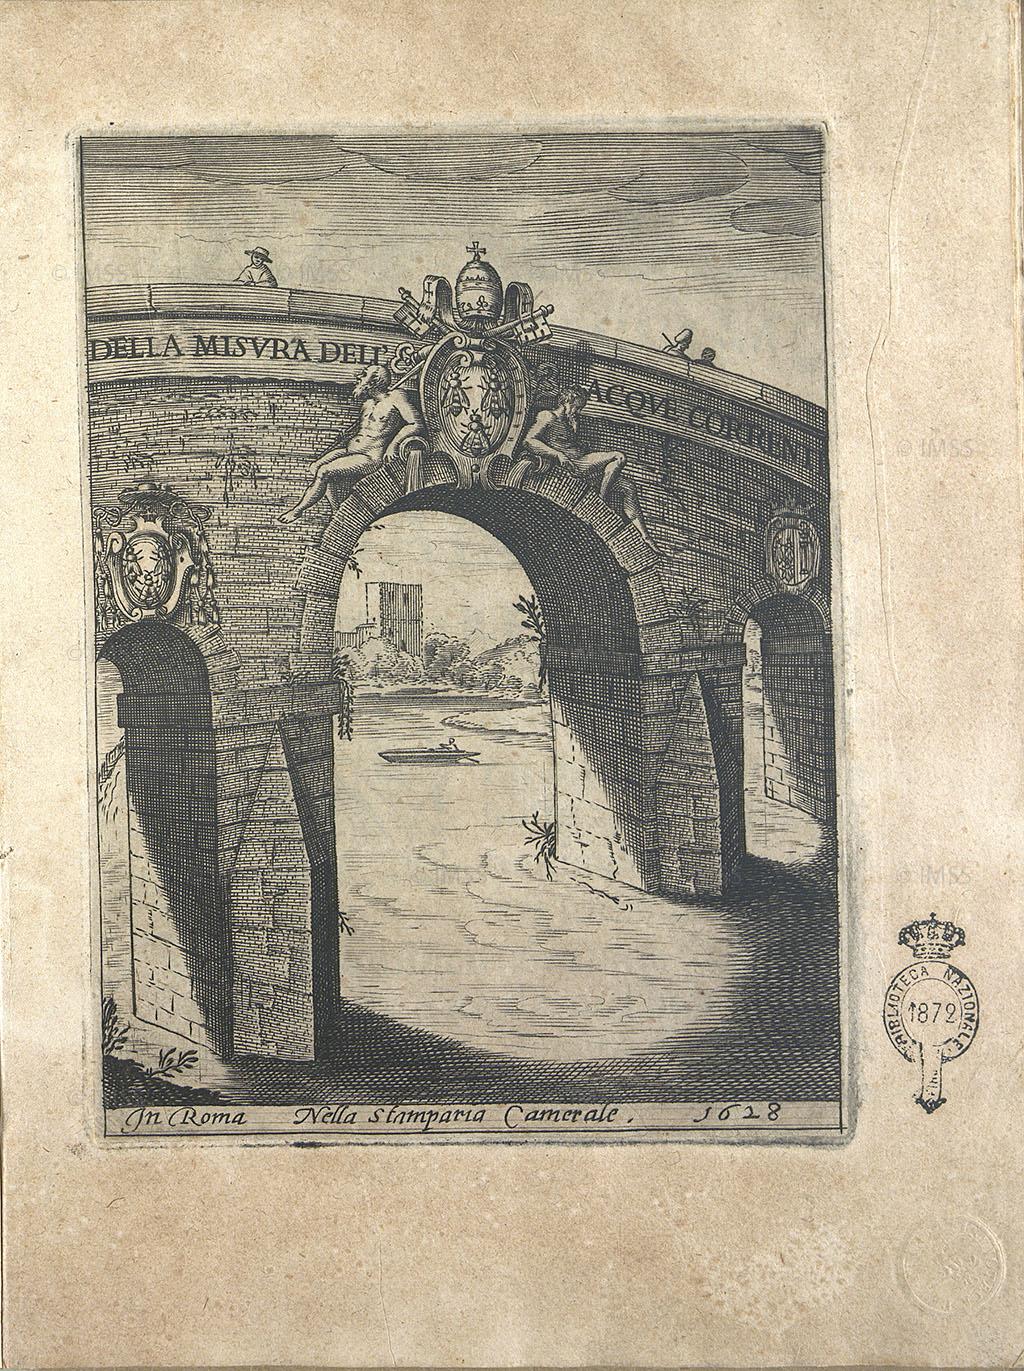 Alla sommità dei tre archi del ponte si notano lo scudo e le api di casa Barberini sormontate, nell'arco principale, dalle chiavi di S. Pietro e dalla tiara papale.